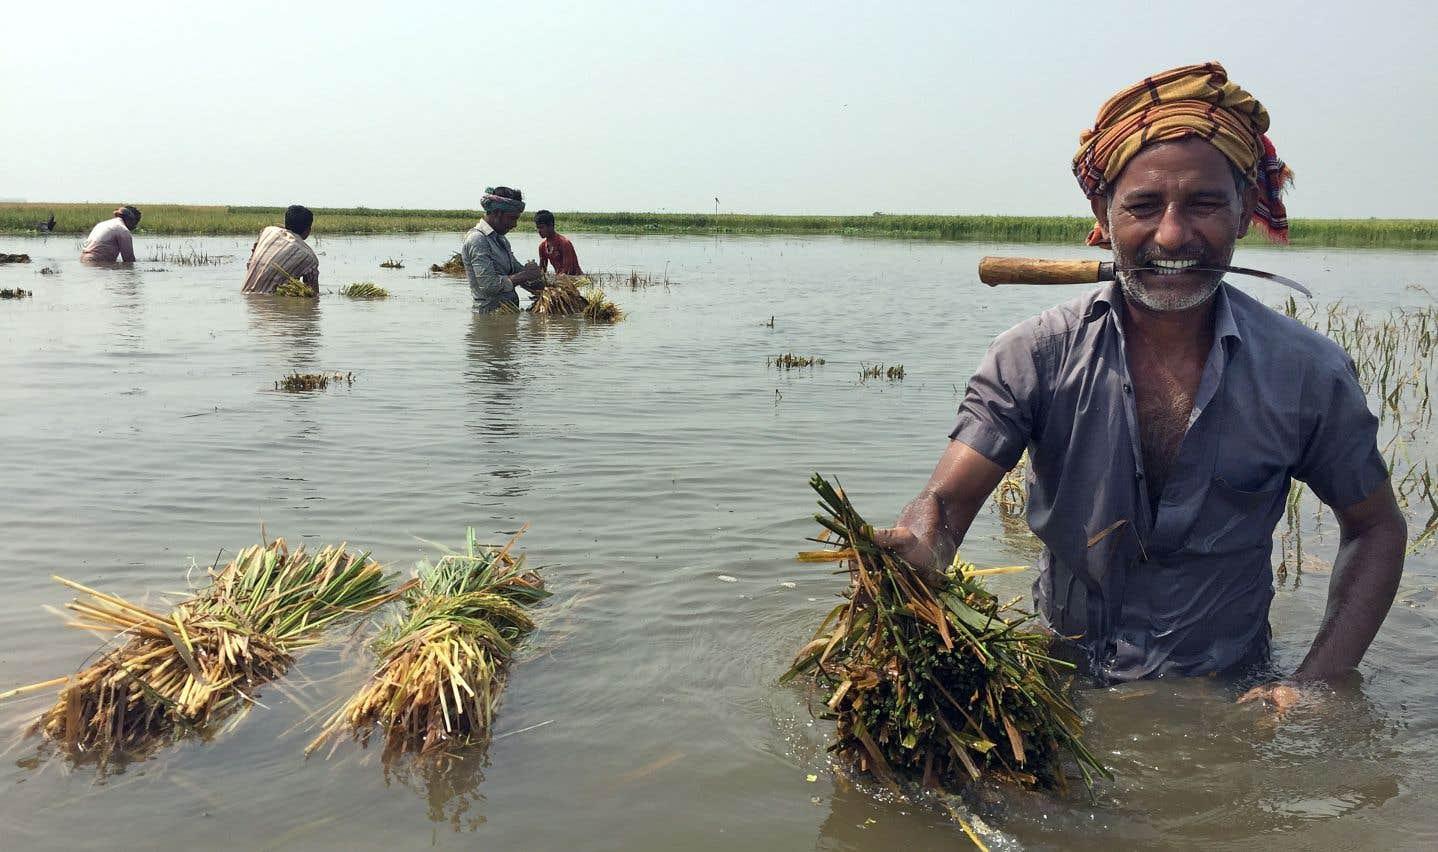 Quand les fleuves avalent les terres et habitations au Bangladesh